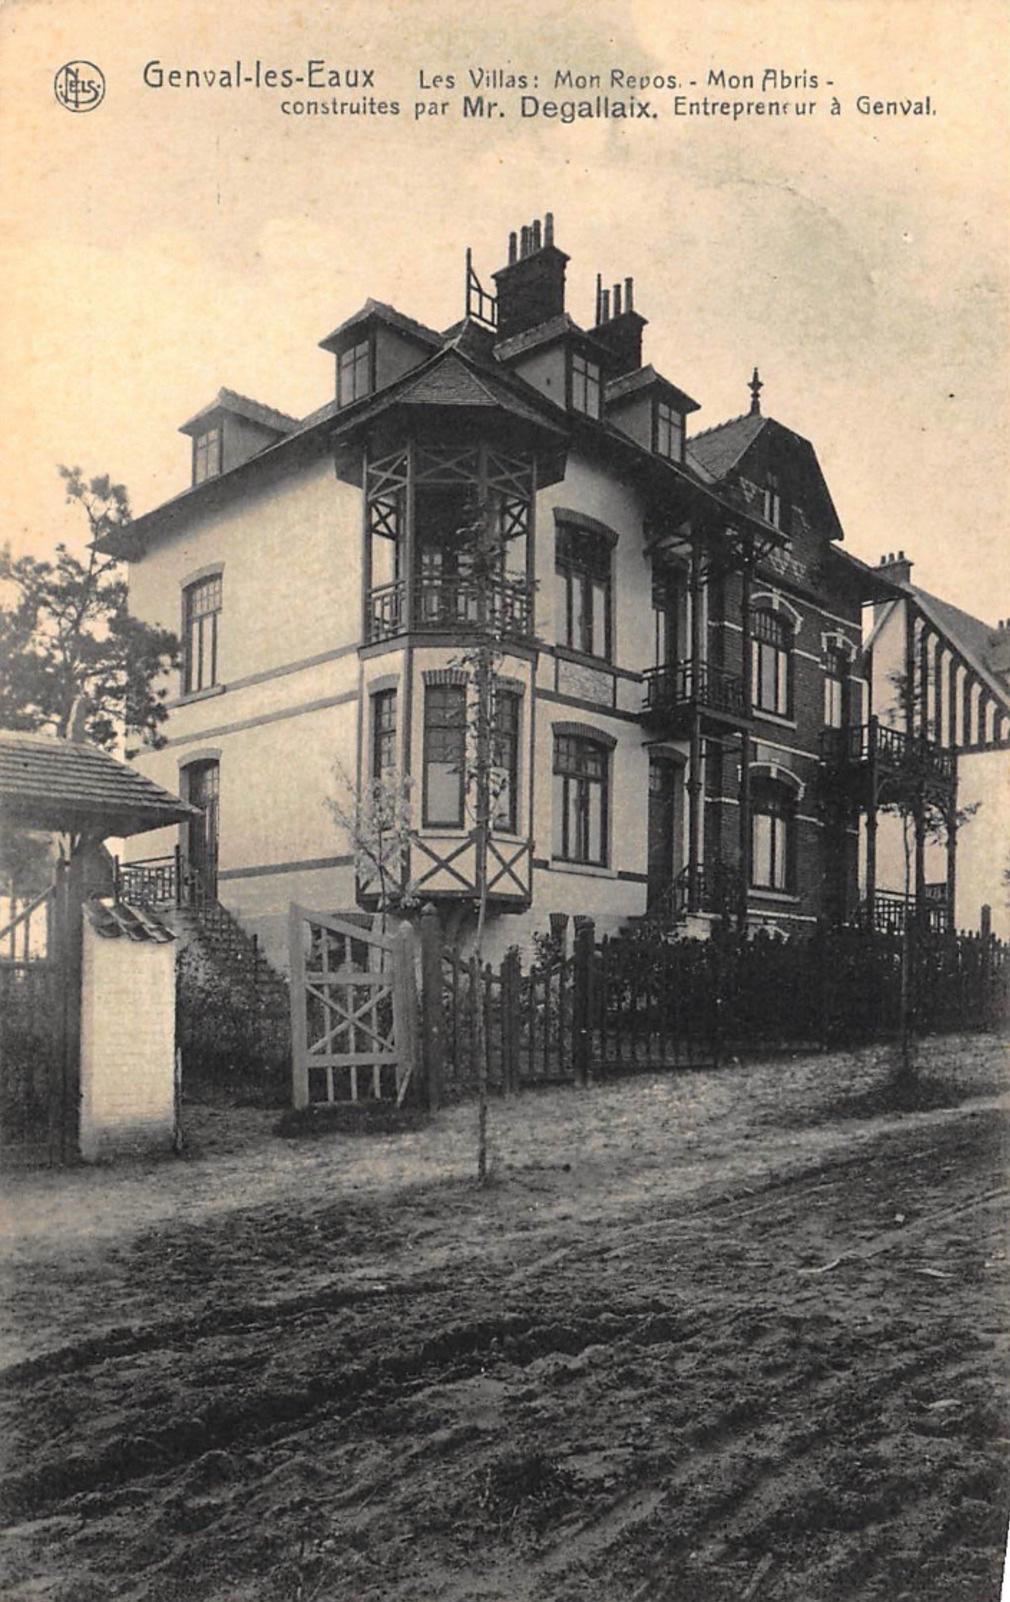 Villas Mon Repos Mon Abris construites par M. Degallaix Genval-les-Eaux (1)